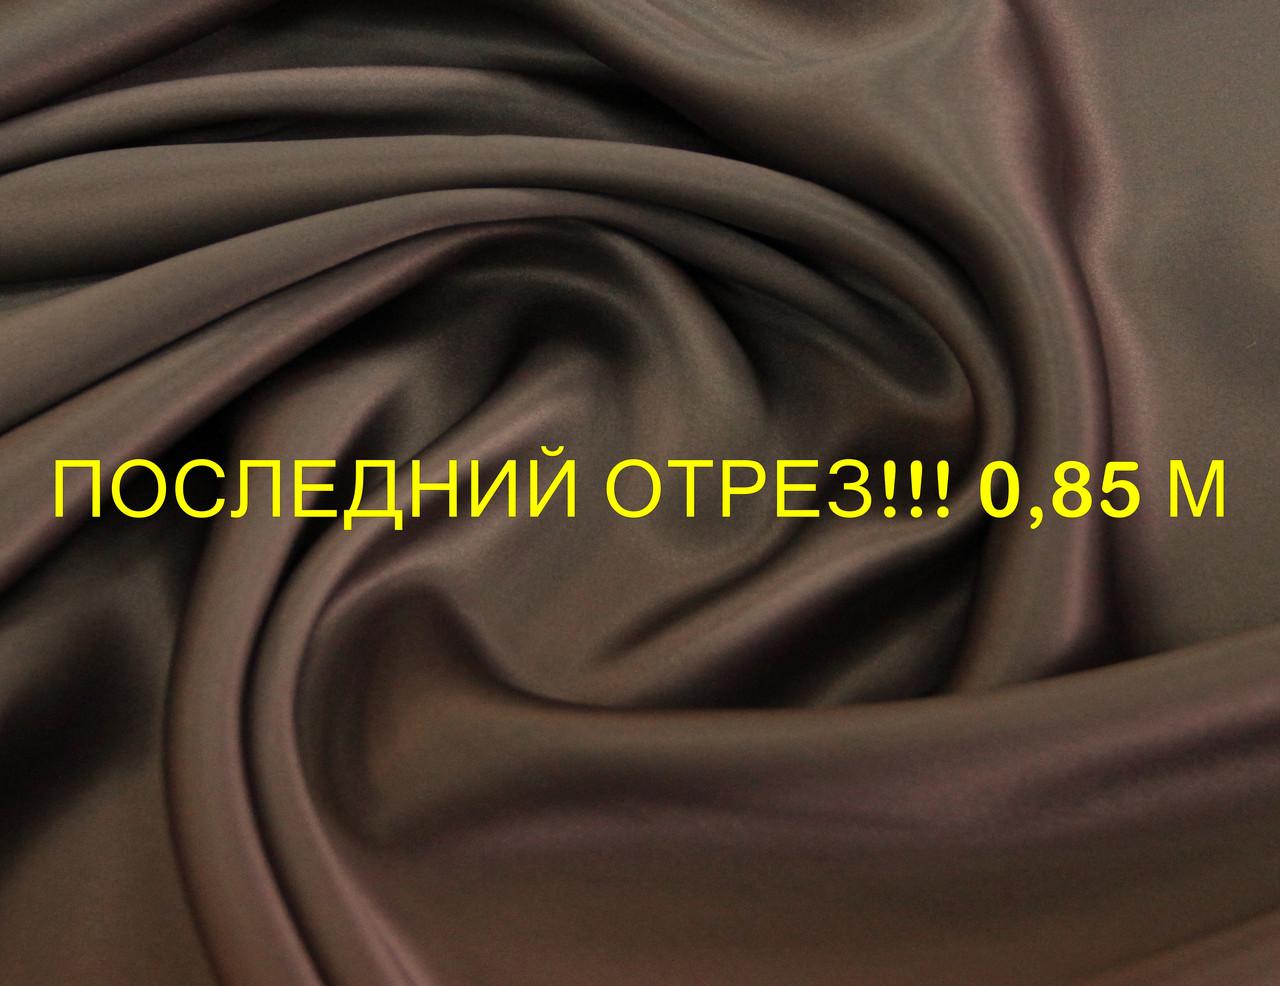 Последний отрез 0,85м. Натуральный итальянский однотонный темный фрезовый шёлк без эластана  MI 8